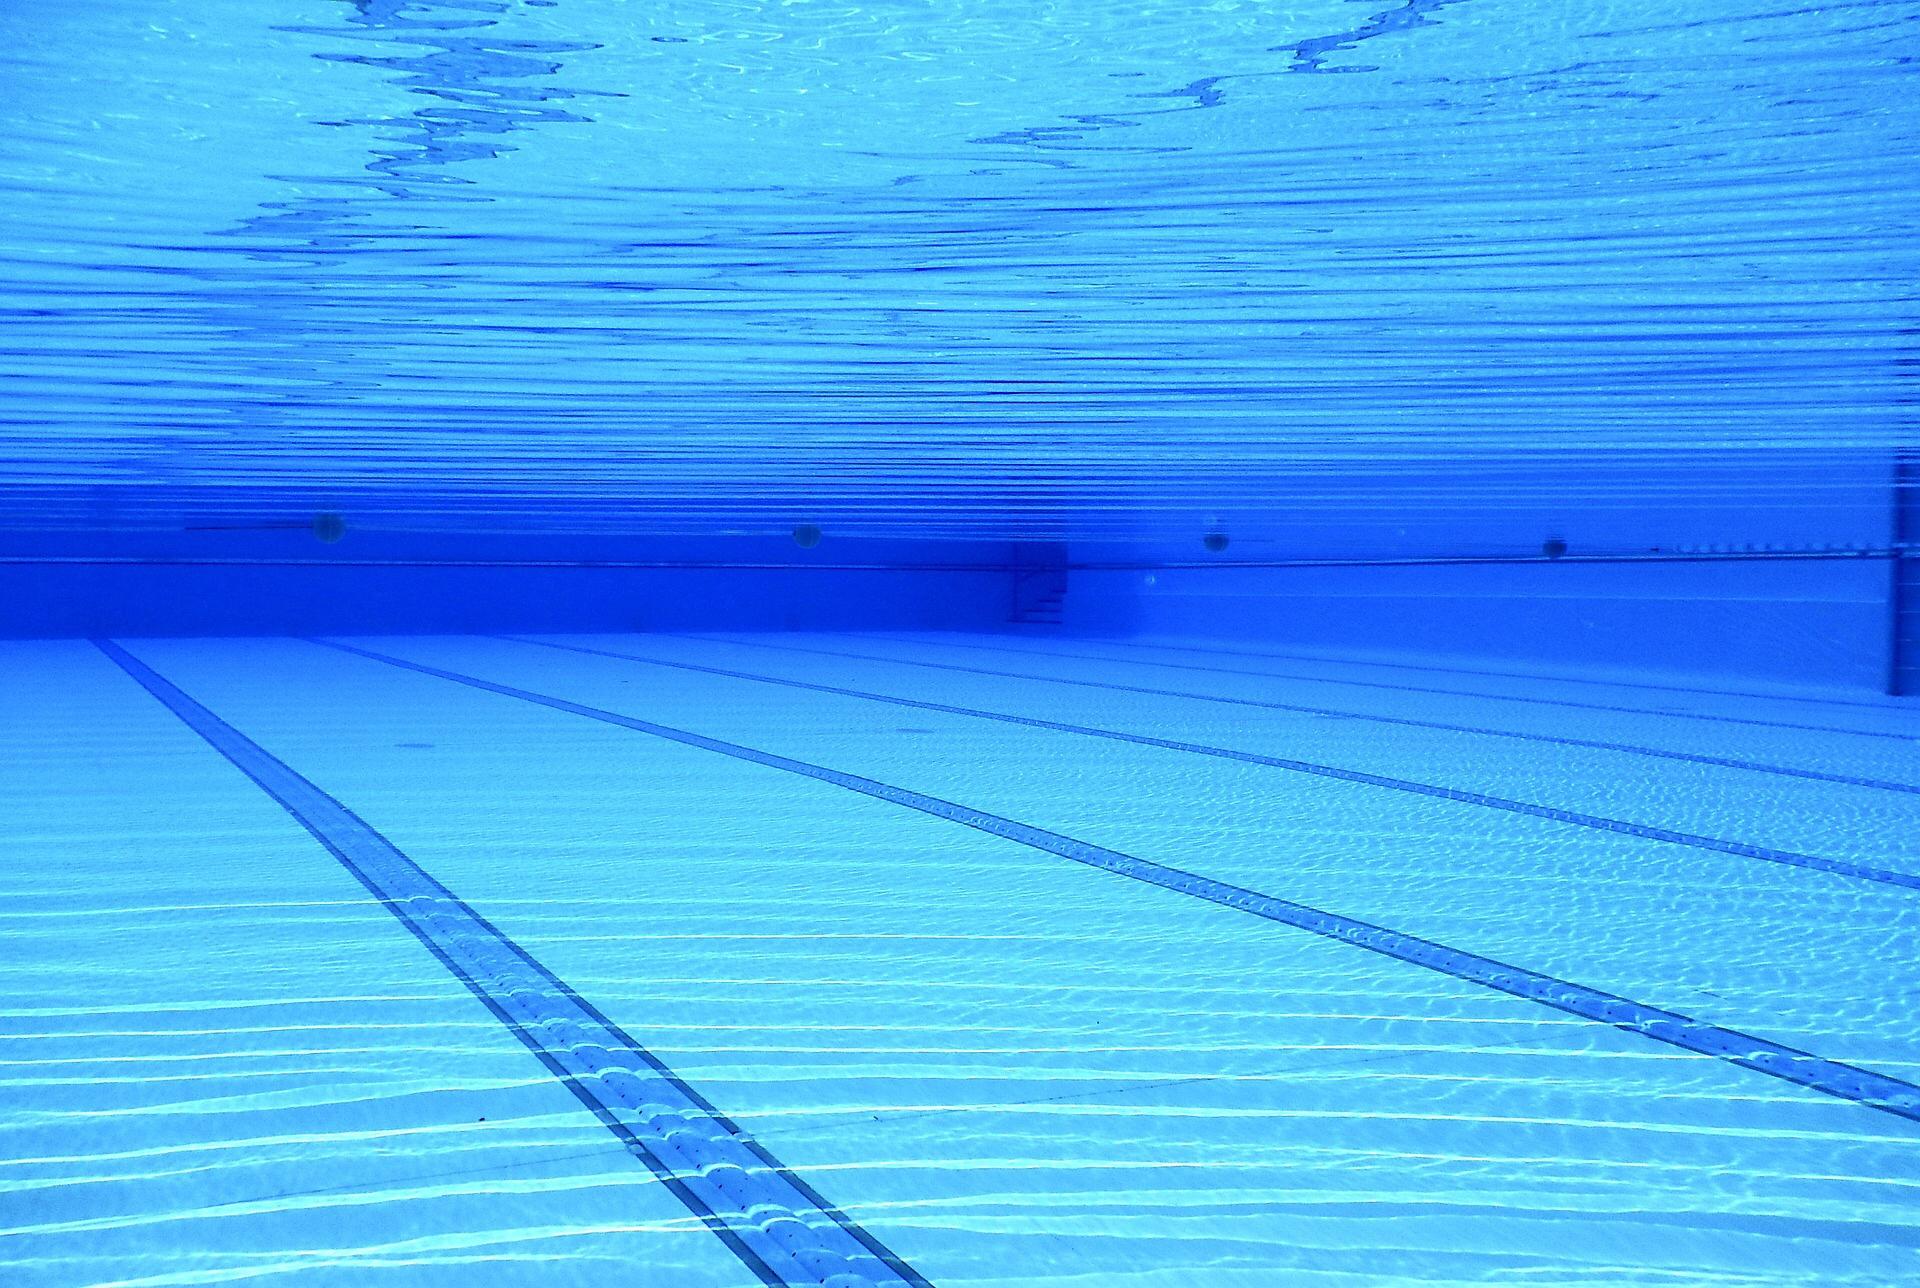 Coronavirus, le palestre e le piscine comunali a Bologna rimarranno chiuse fino al 31 maggio compreso